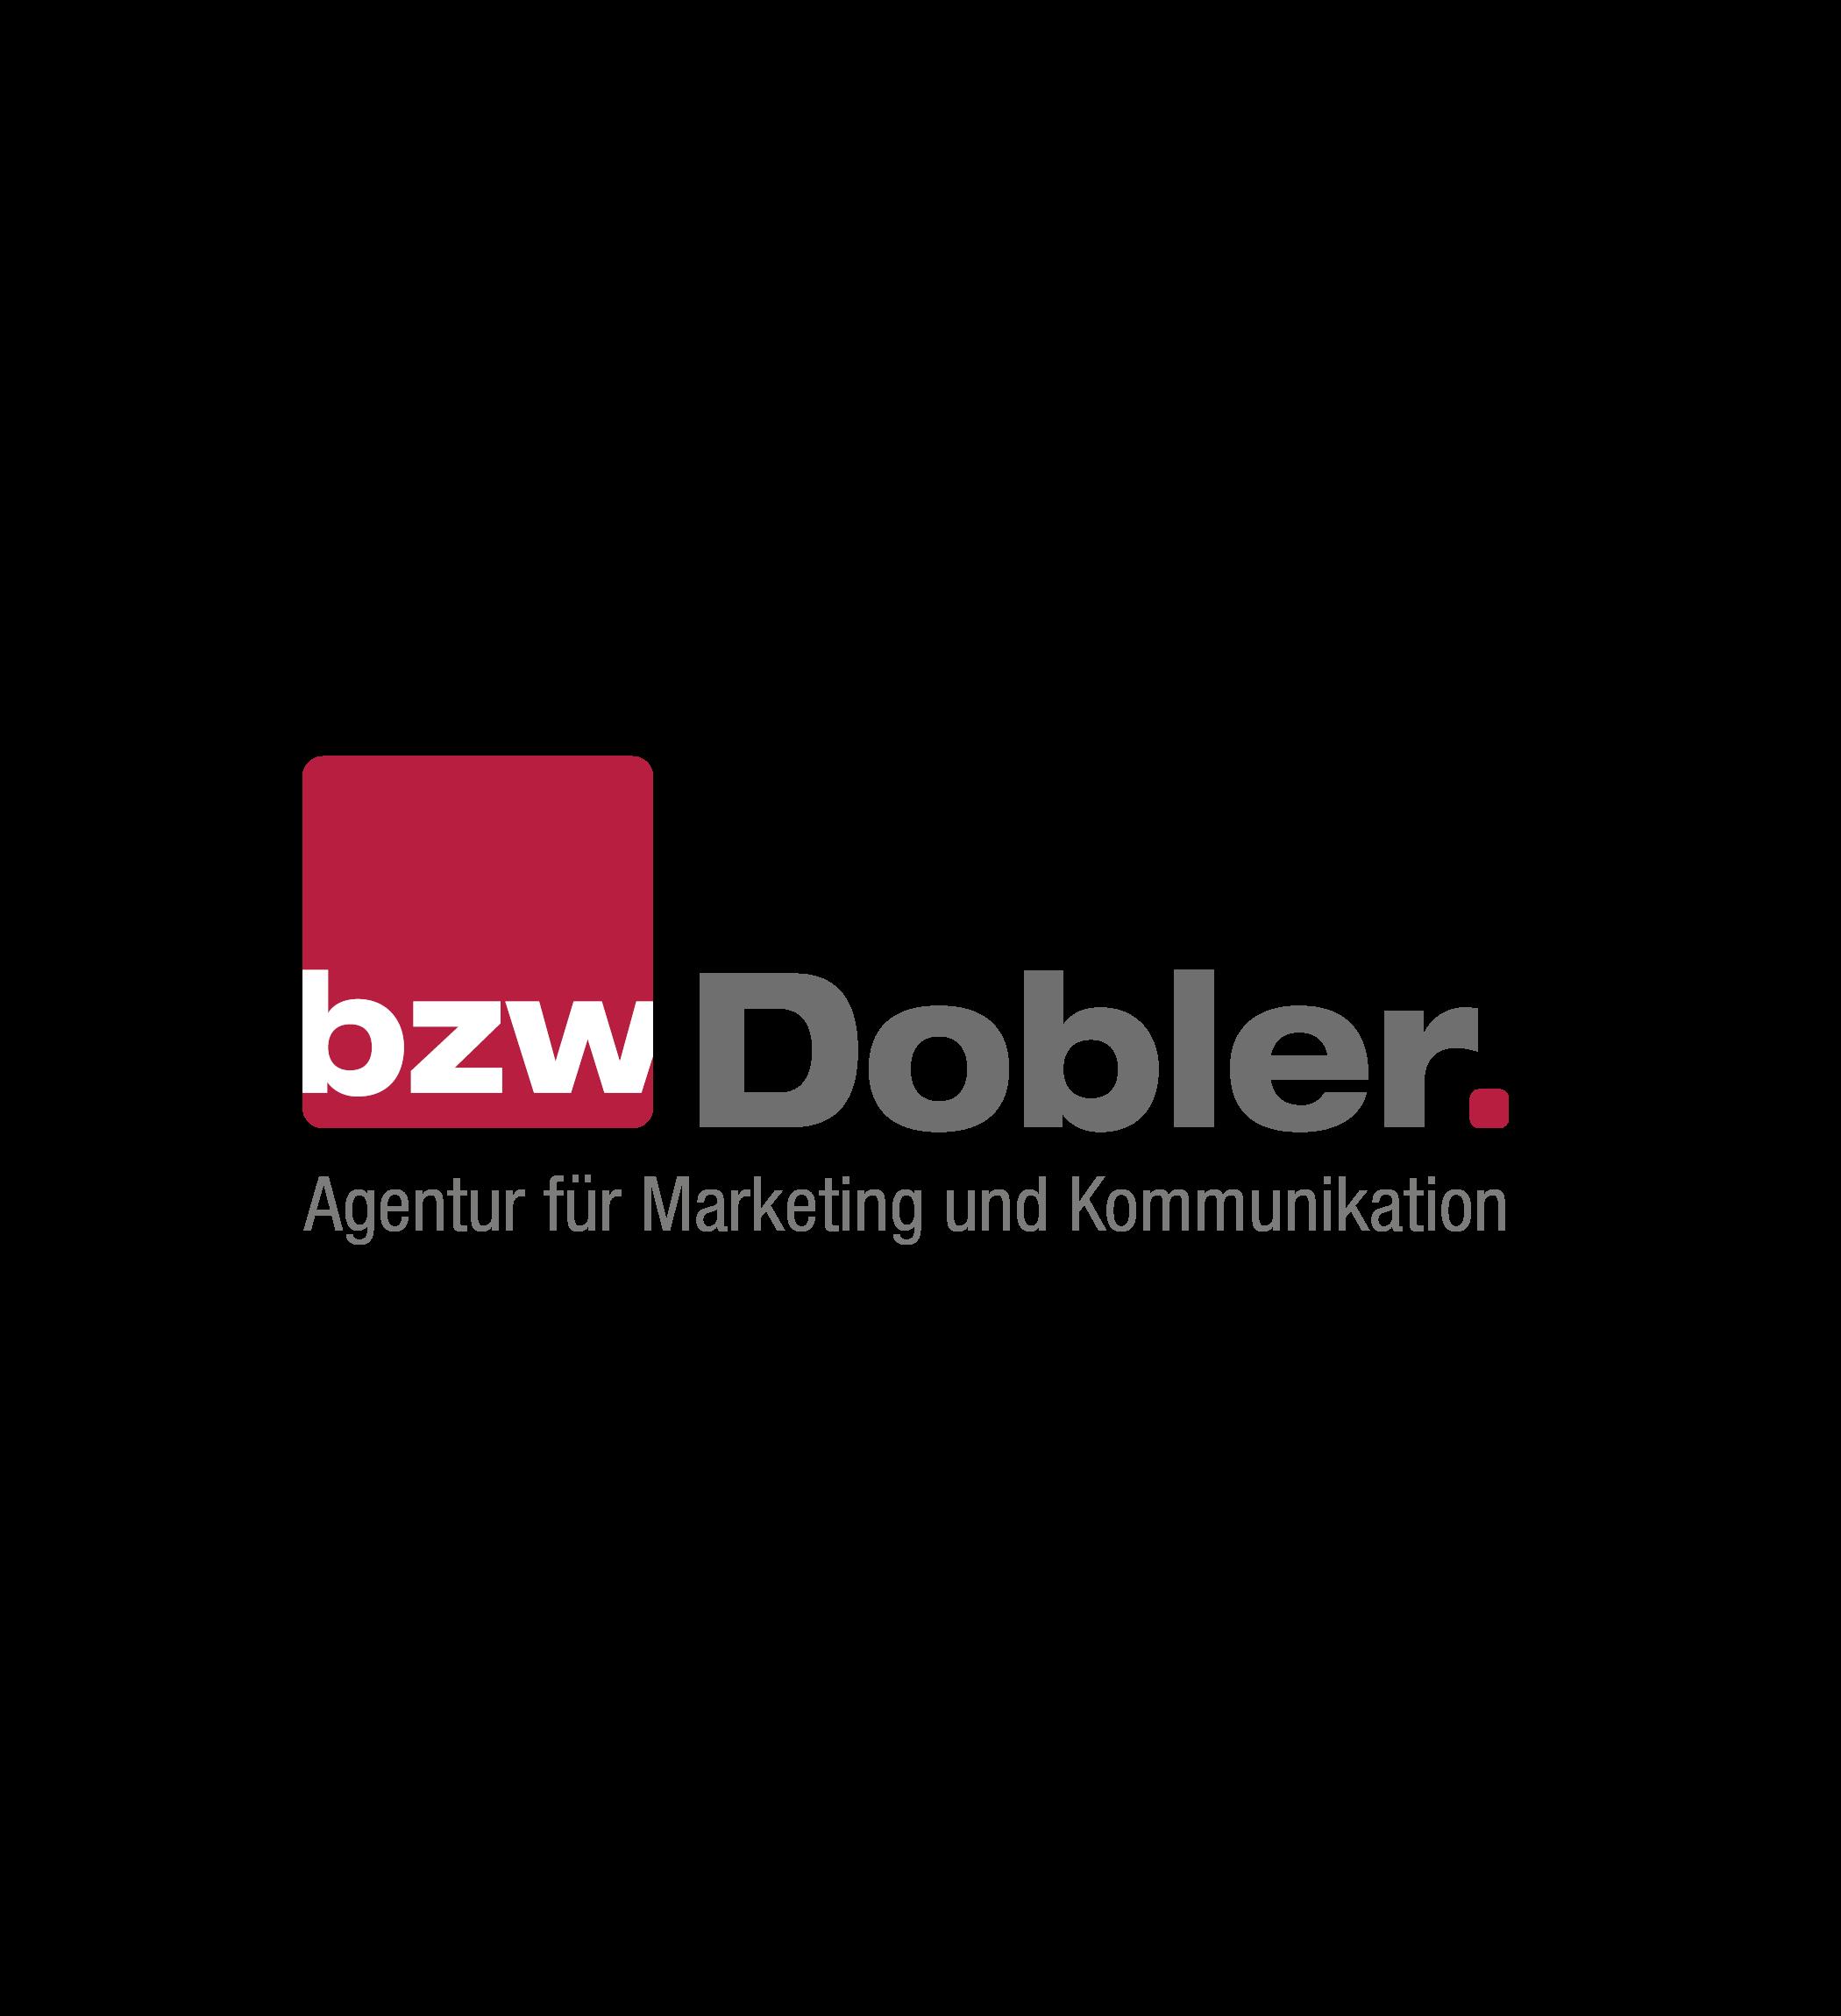 Logo bzw Dobler